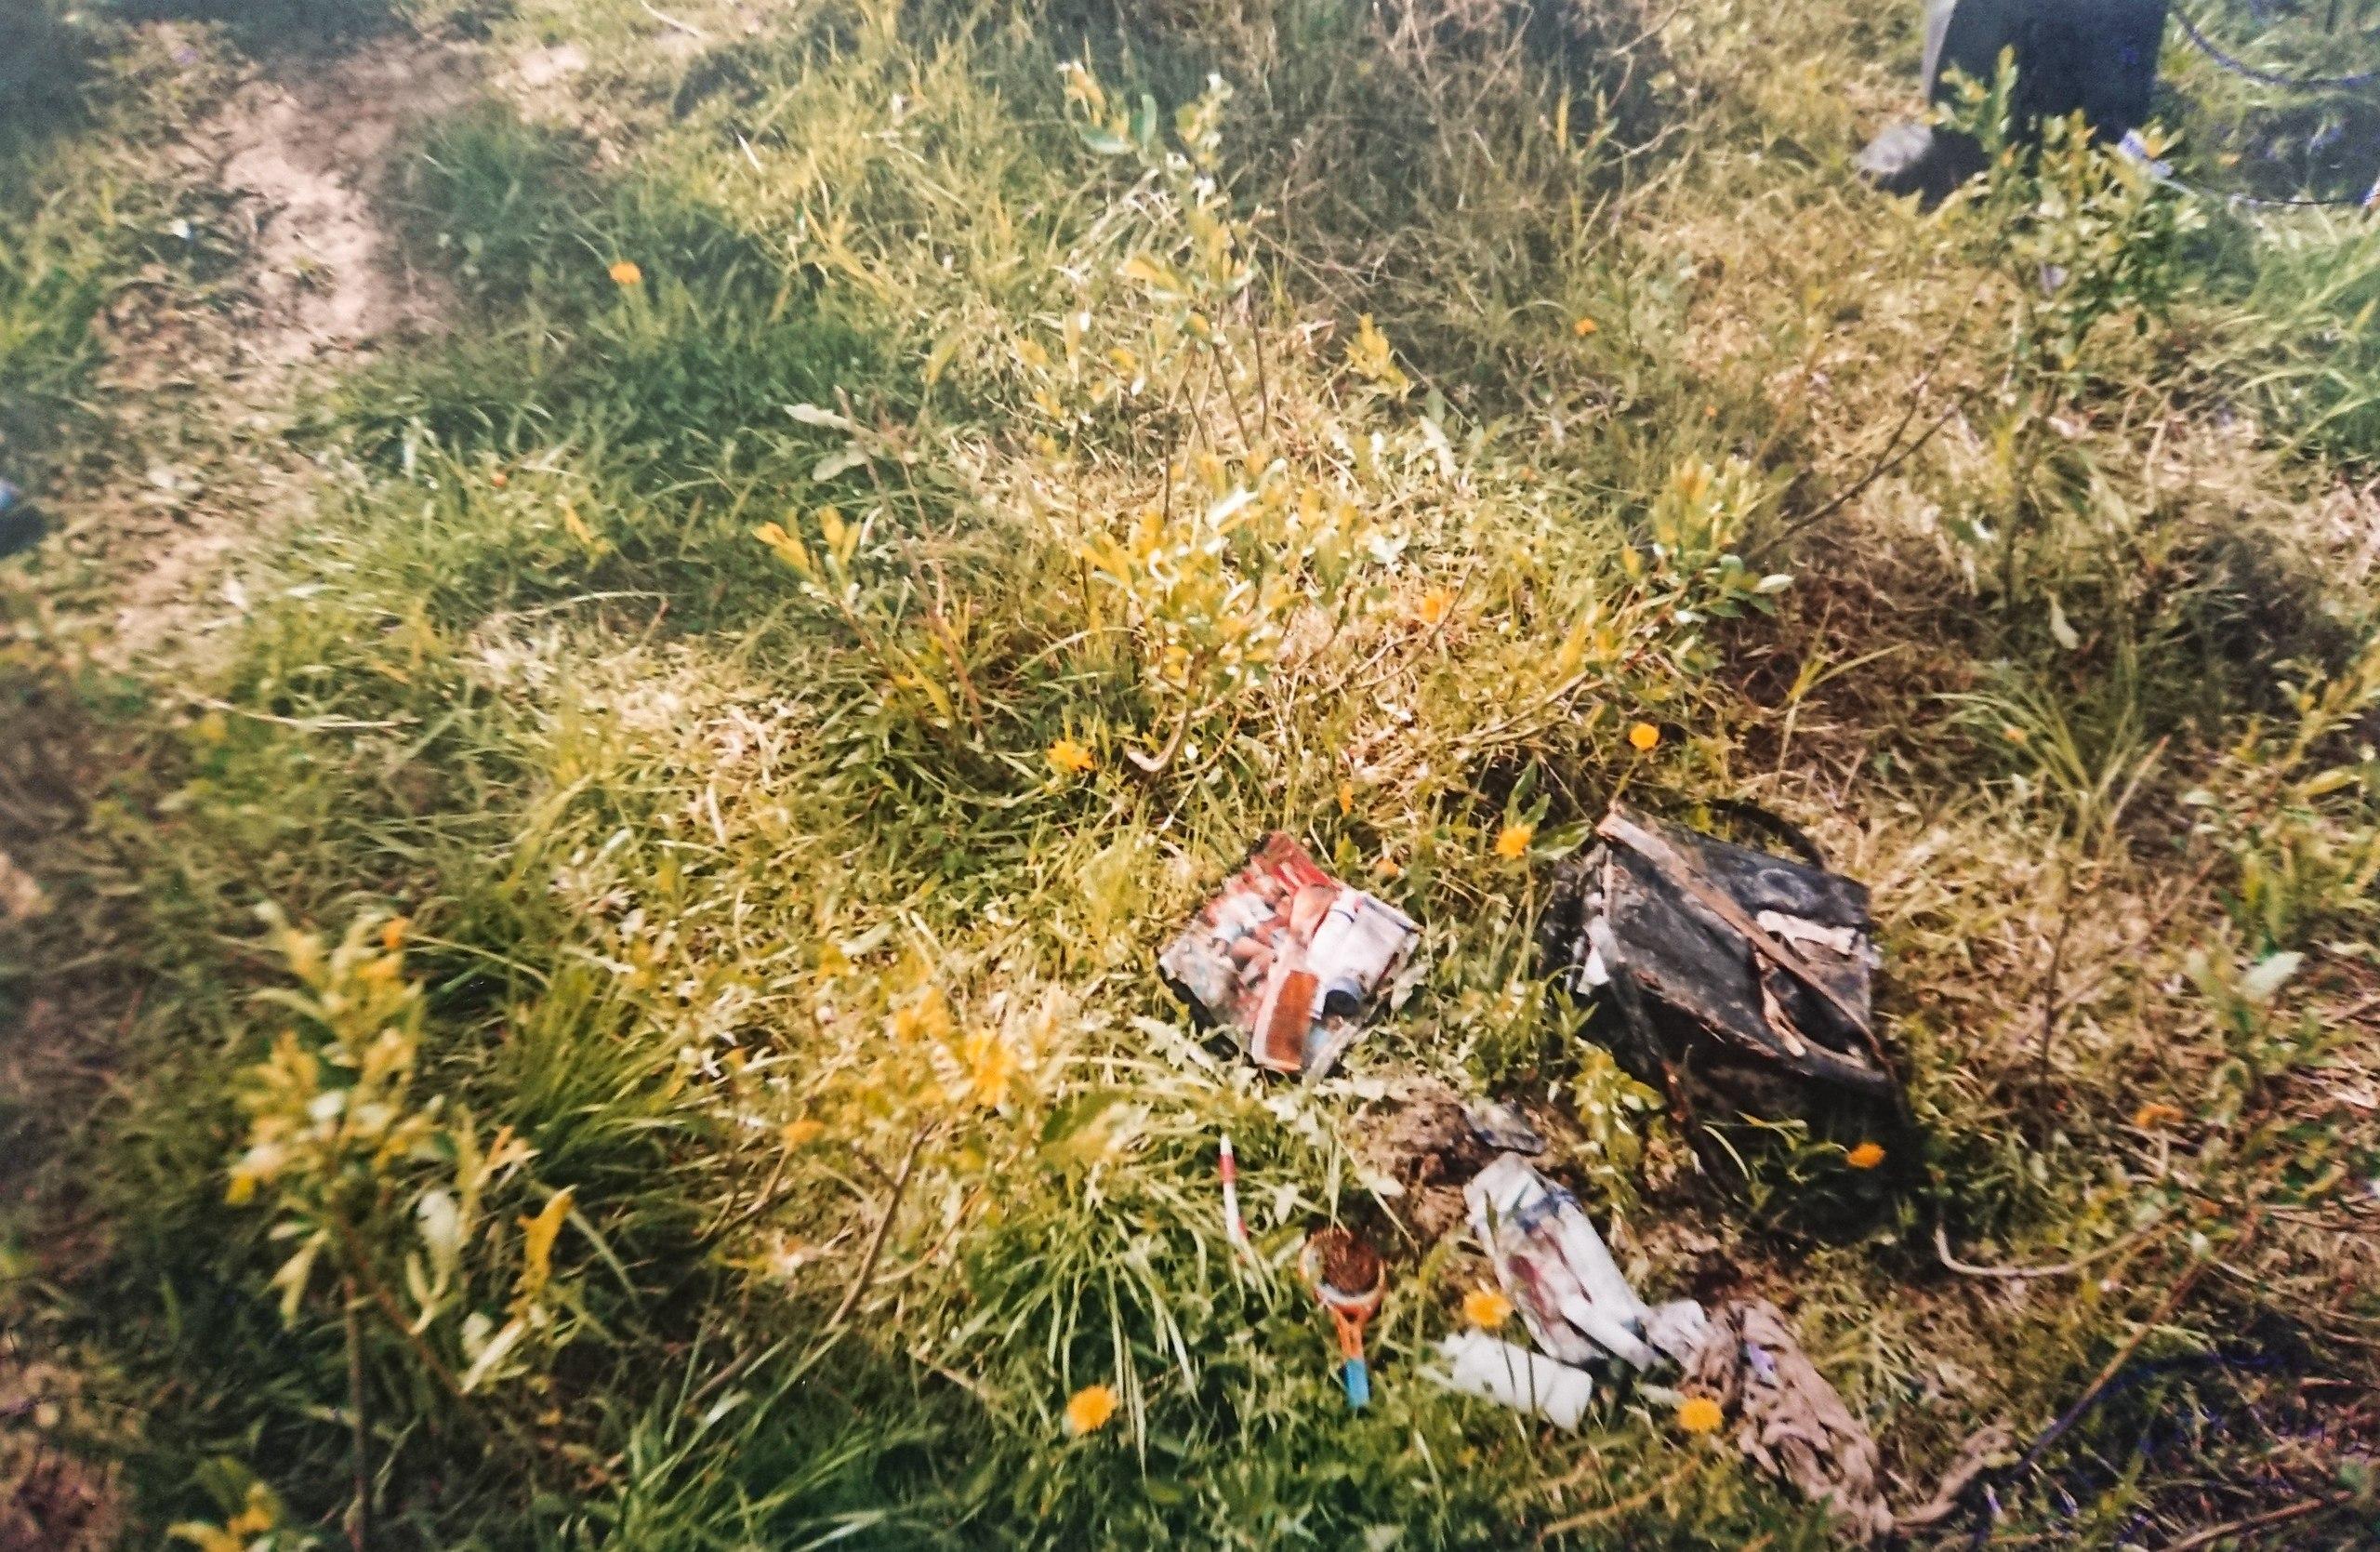 В Твери раскрыли жестокое убийство девочки, совершенное 18 лет назад - новости Афанасий